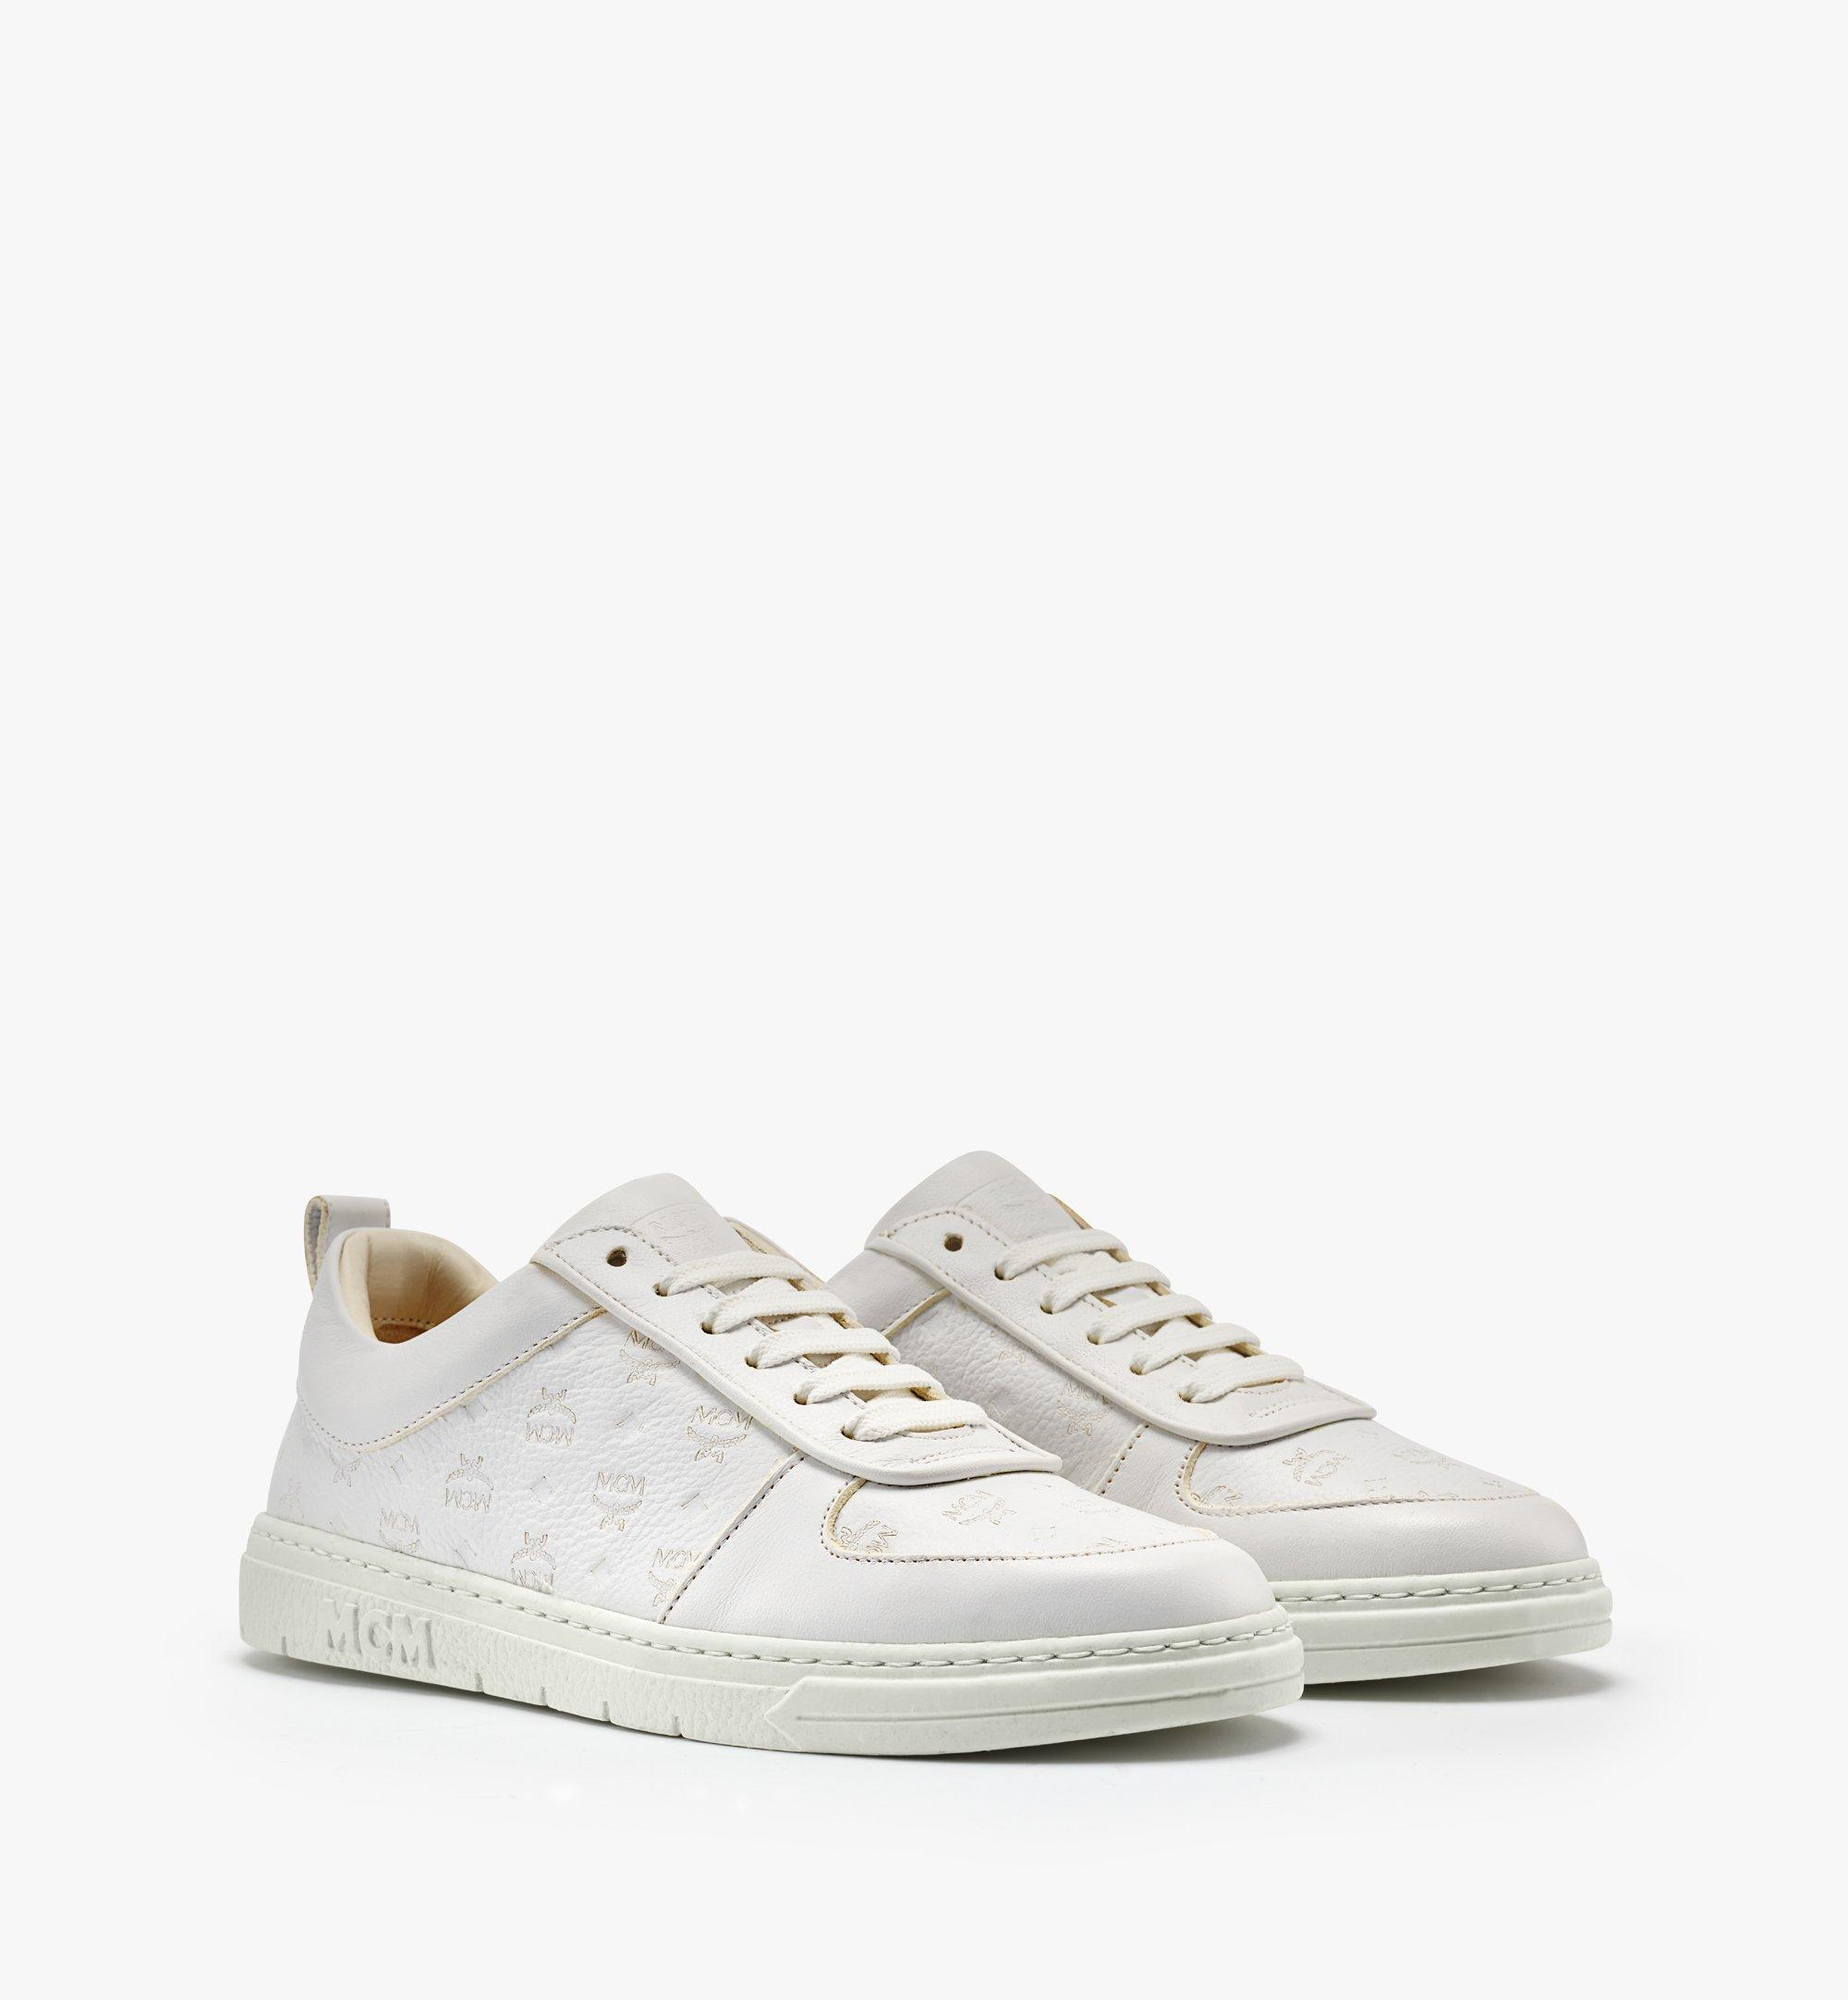 MCM 女士Terrain经典花纹皮革环保低帮运动鞋 White MESBSMM09WT035 更多视角 5